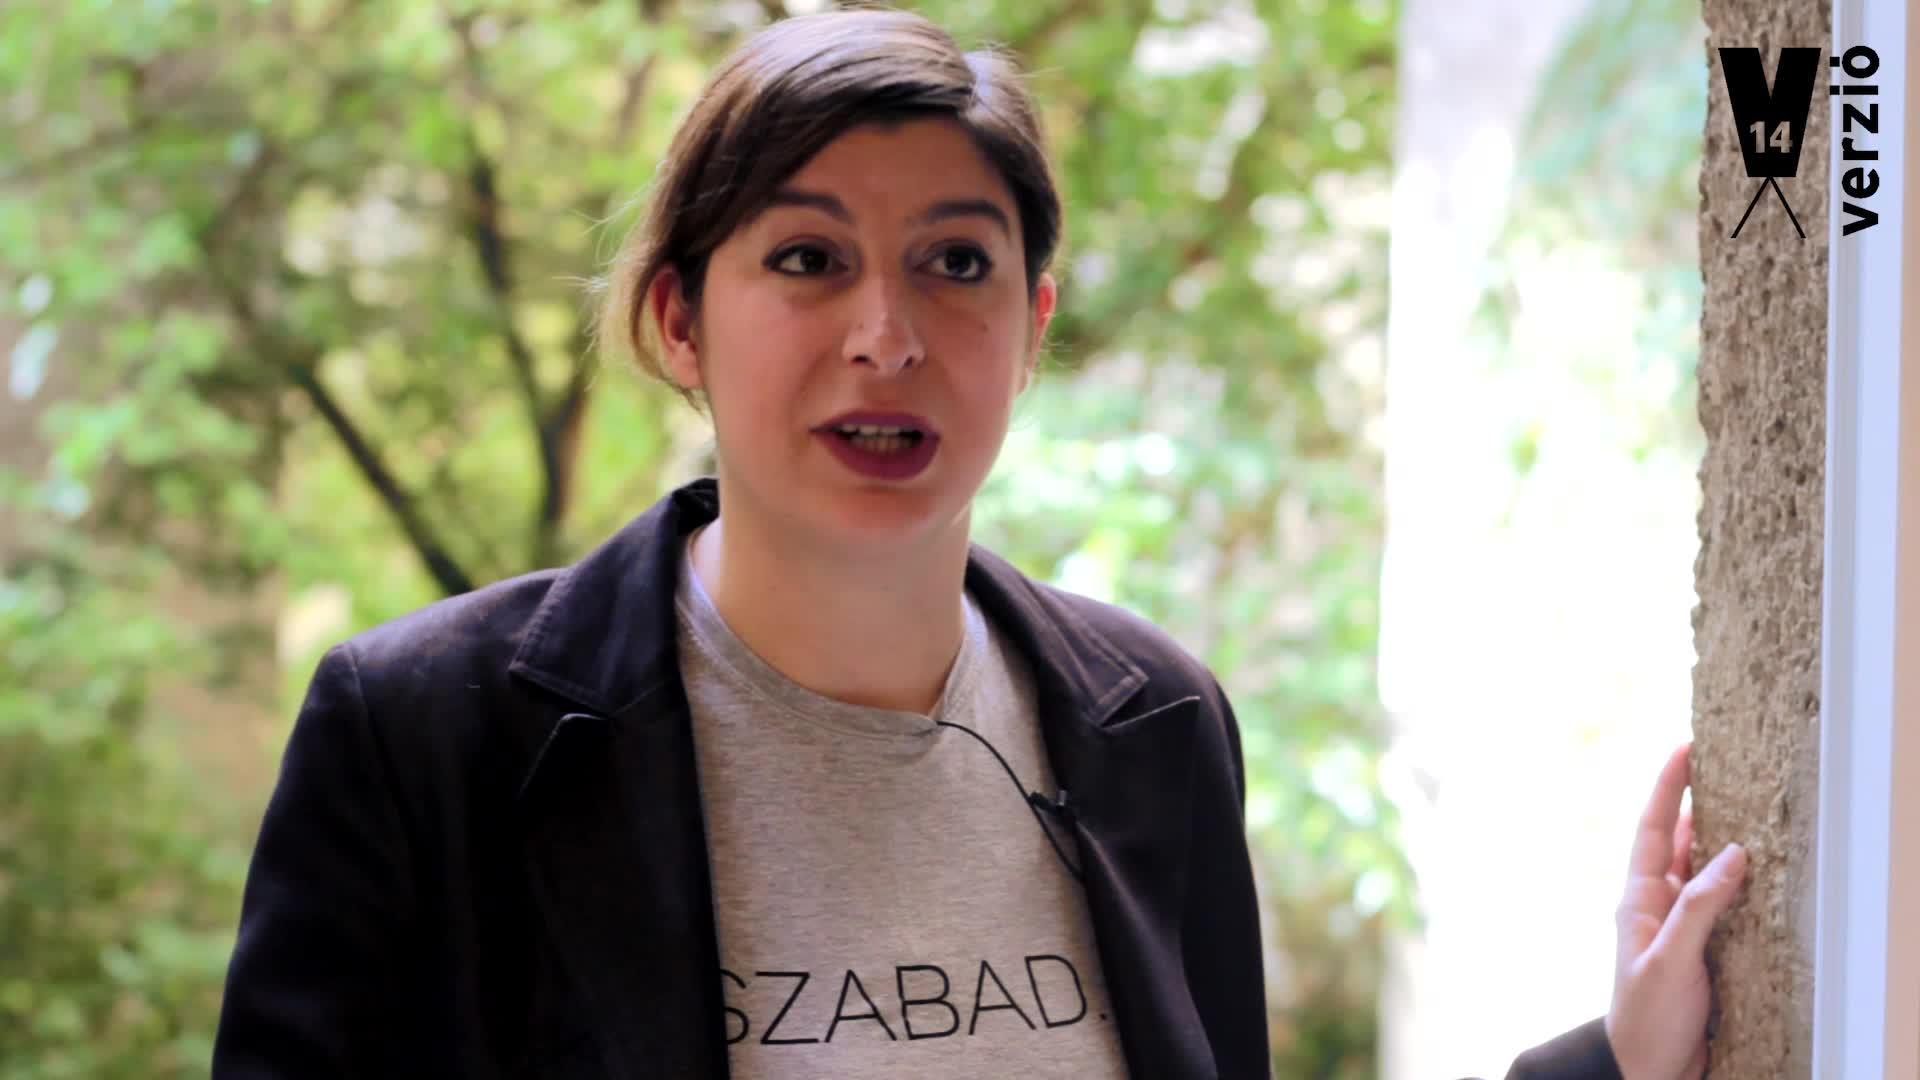 Réz Anna recommends Pre-Crime